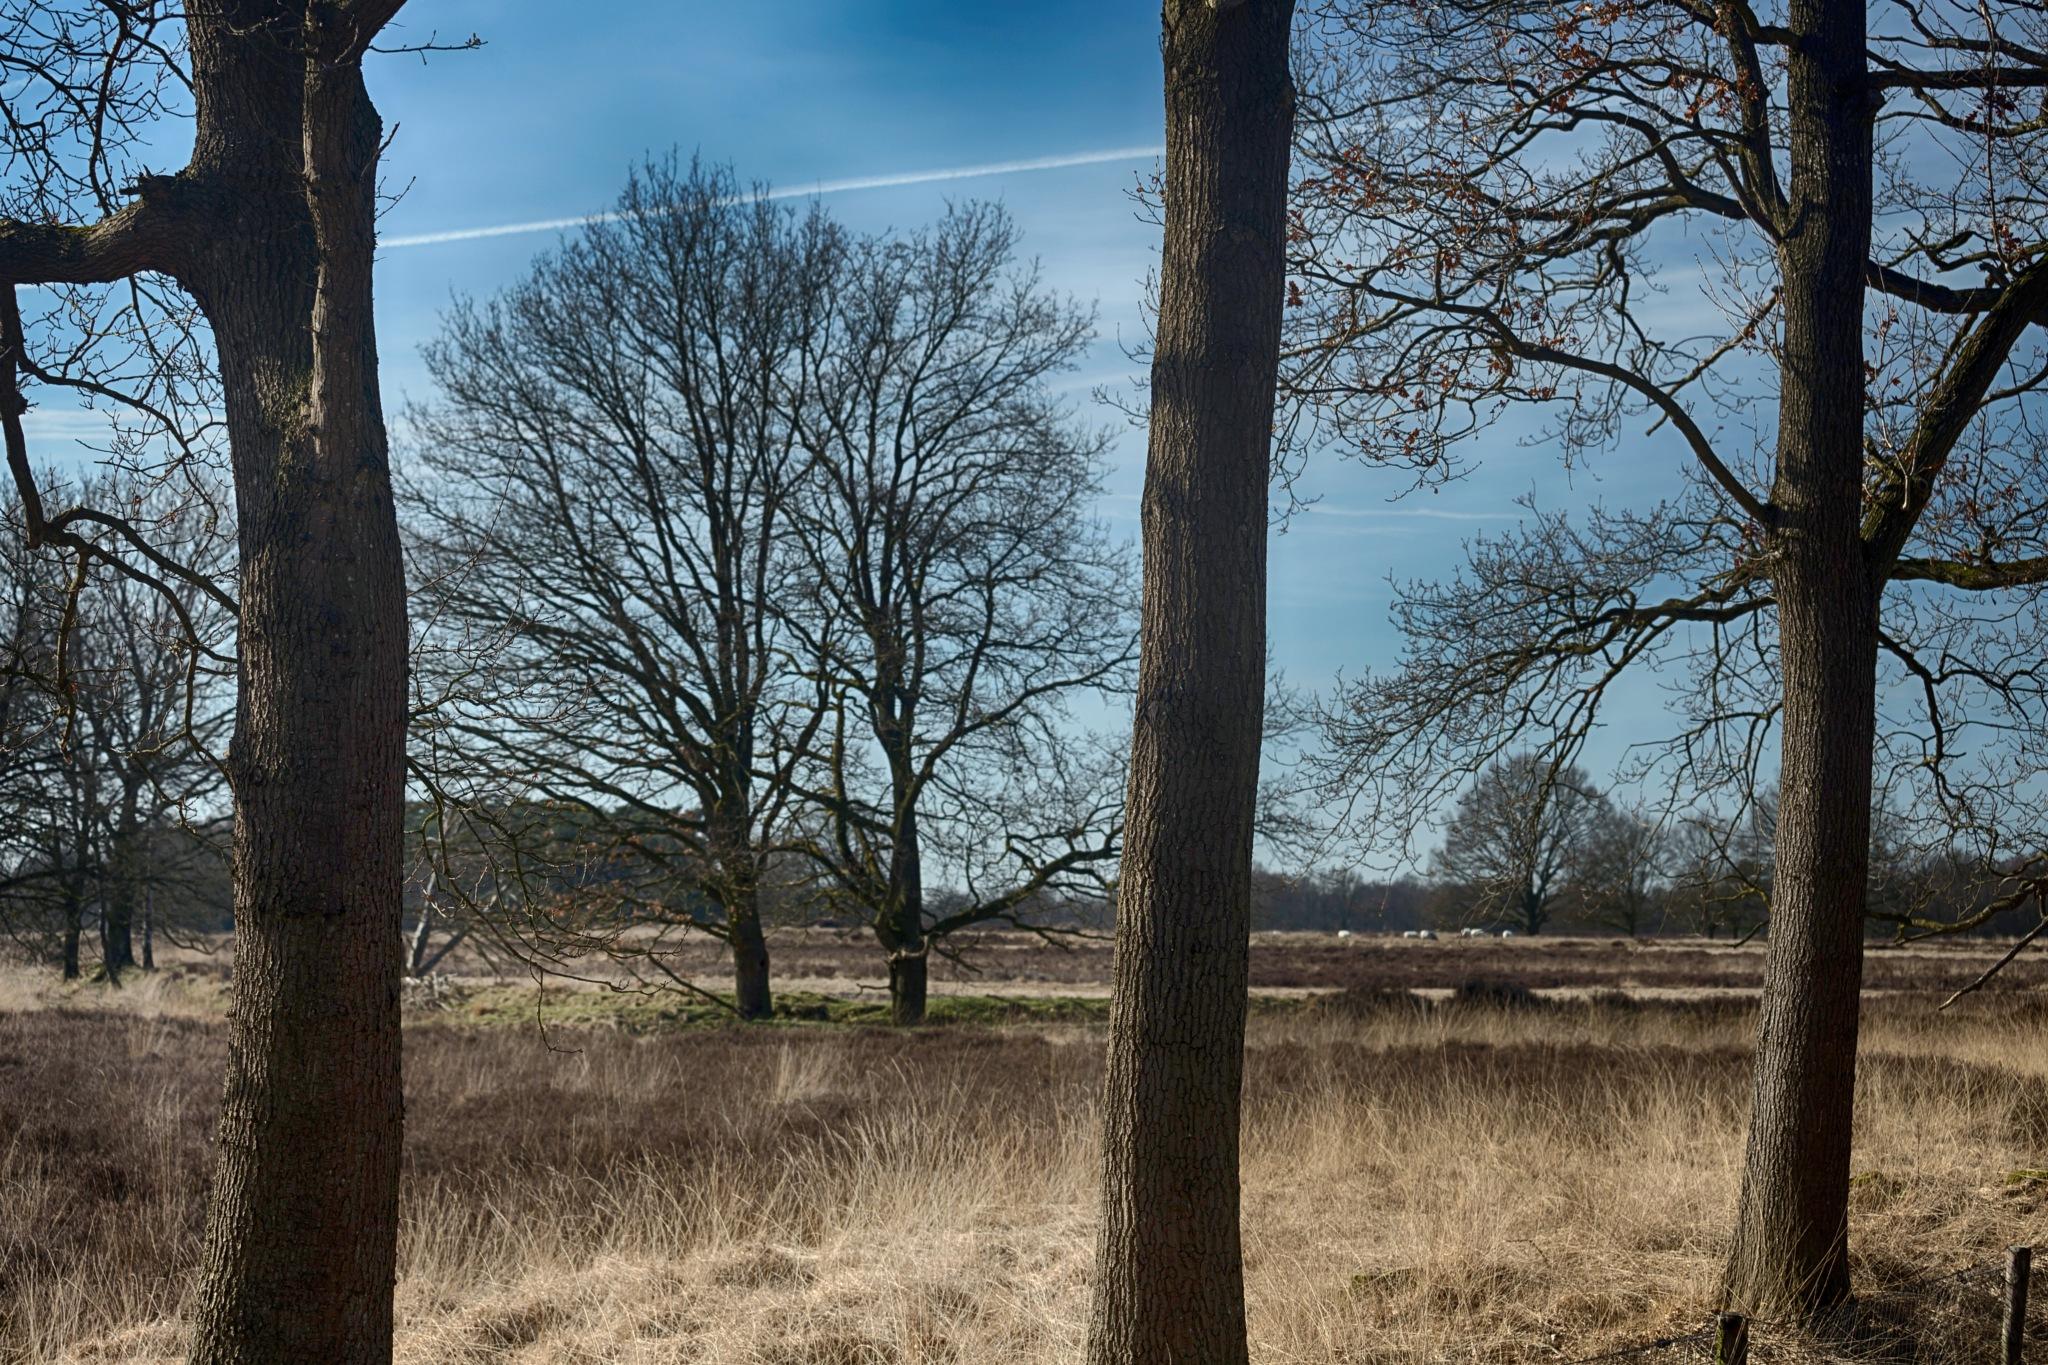 Takkenhoogte, Drenthe, Holland  by HansJongman